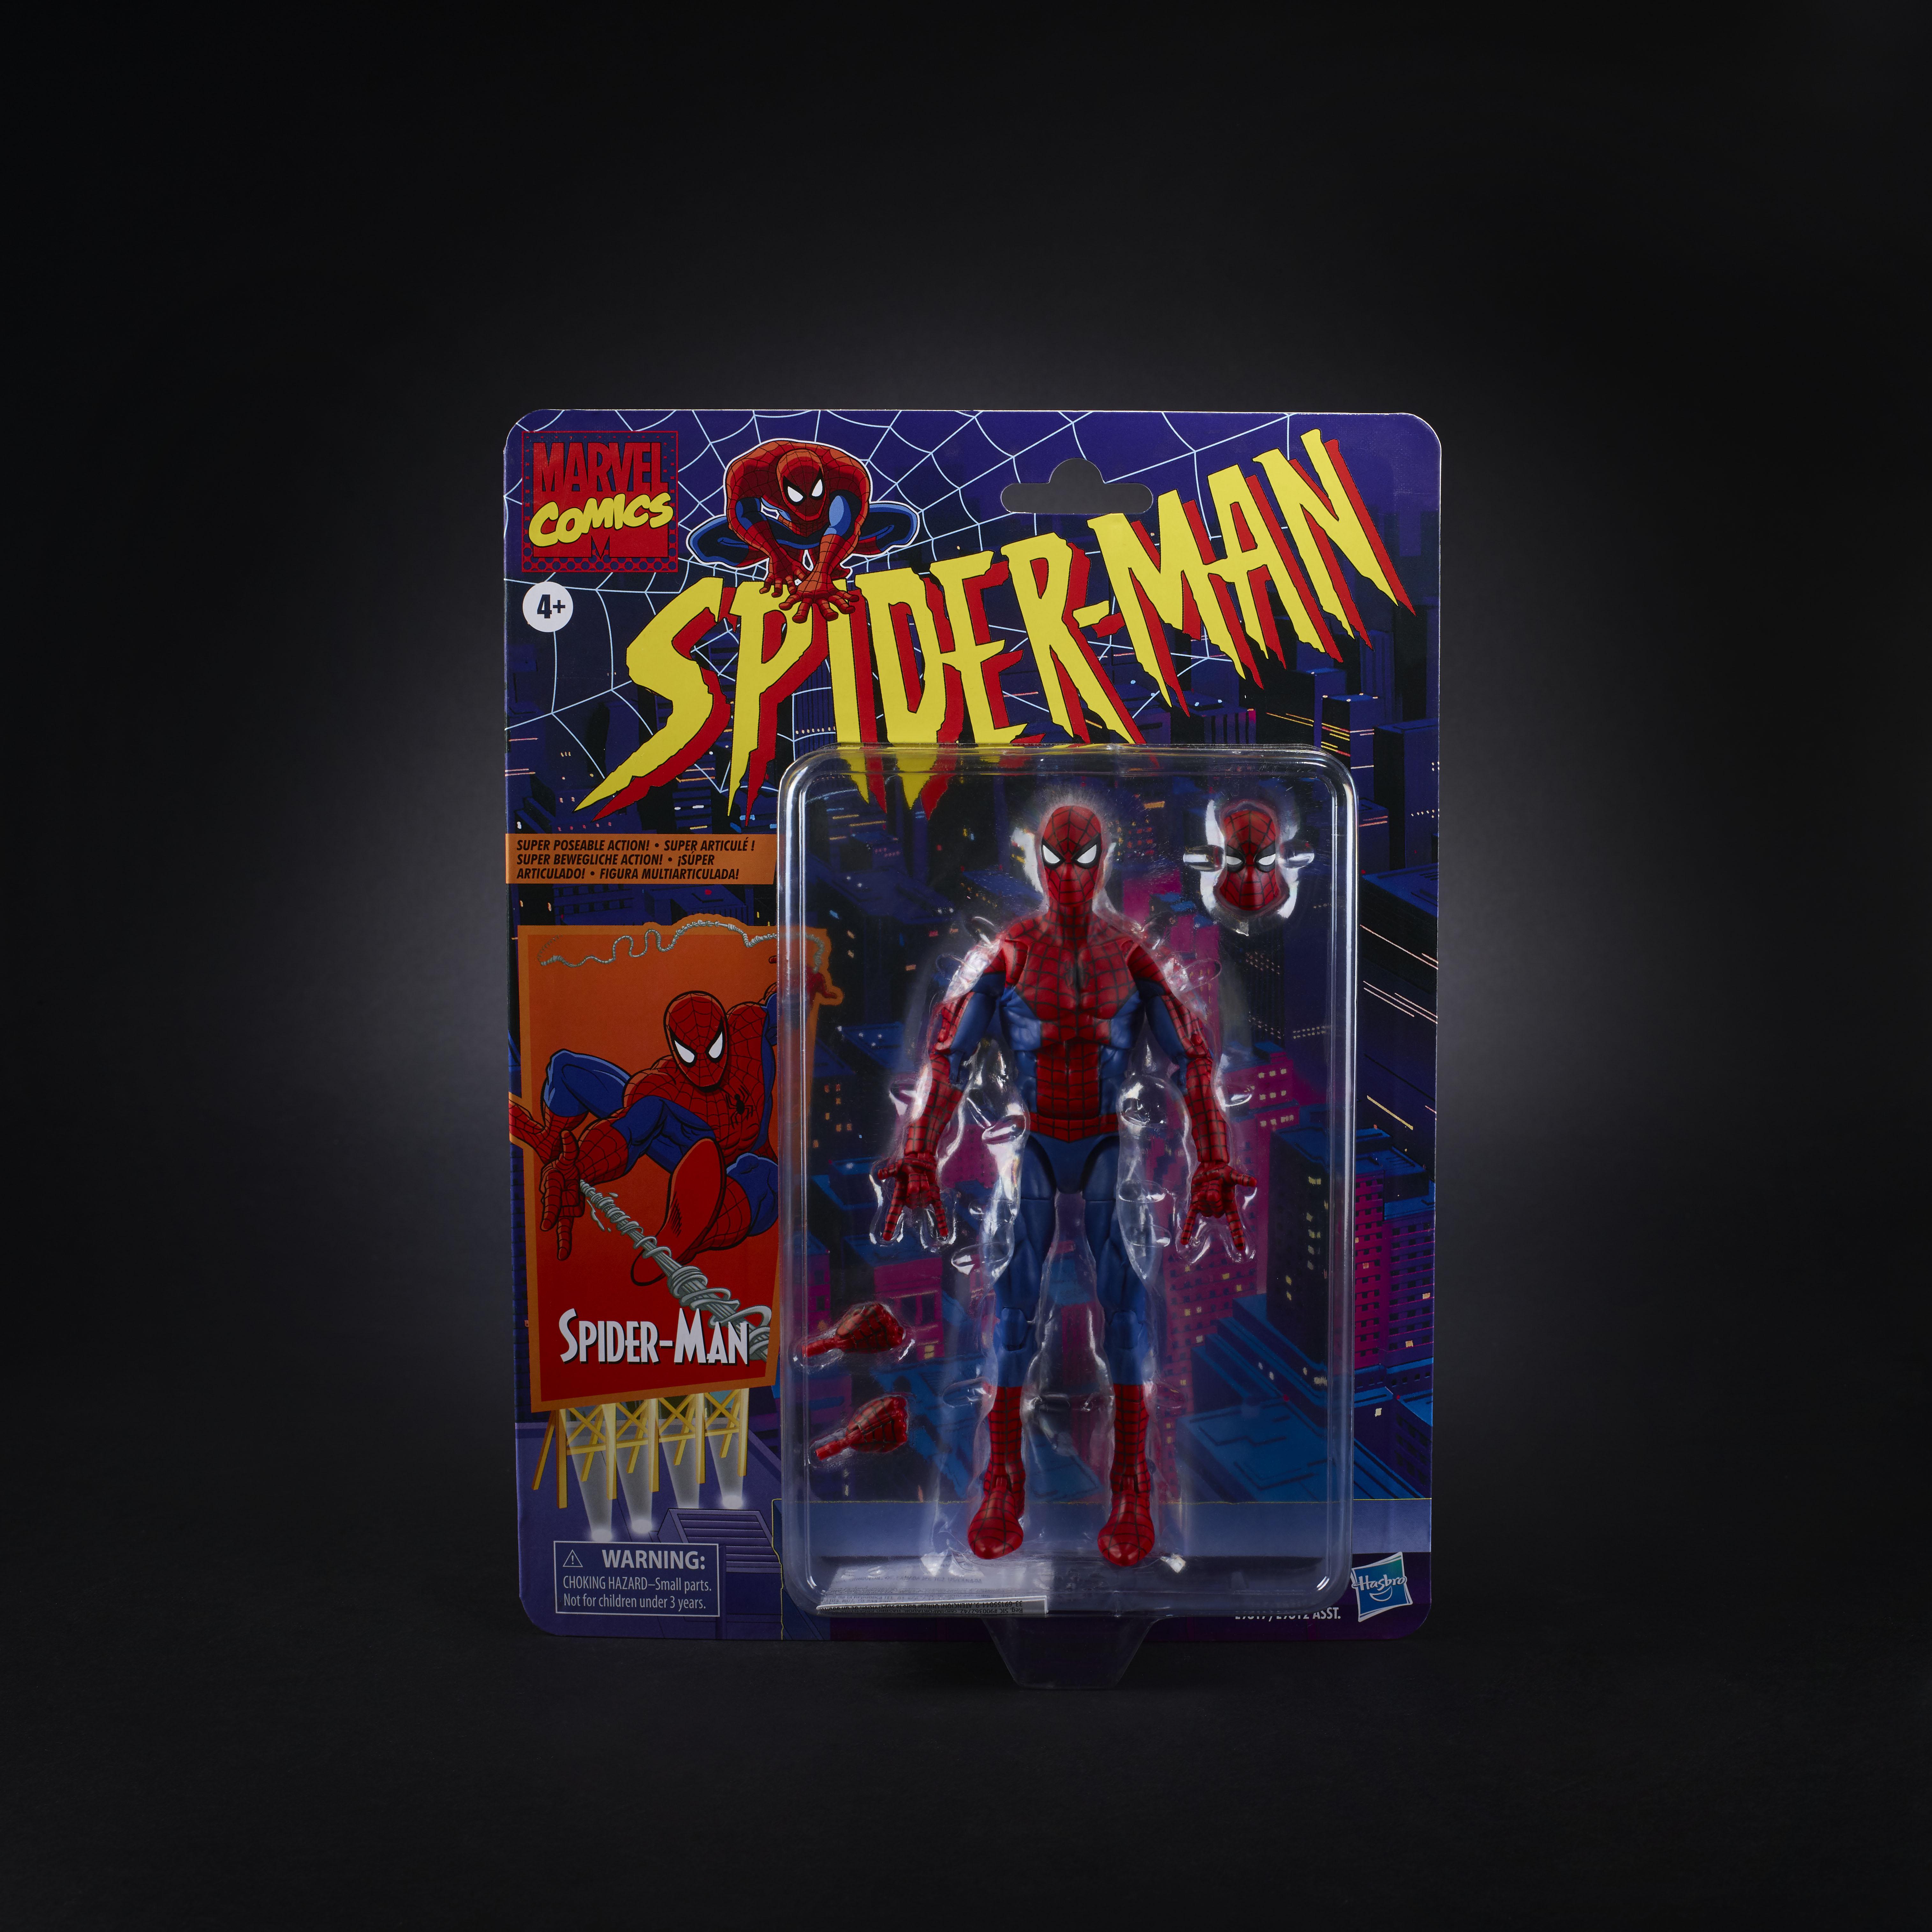 E9312_PROD_SPD_LEGENDS_VINTAGE_AST_Spiderman_IN_PACK